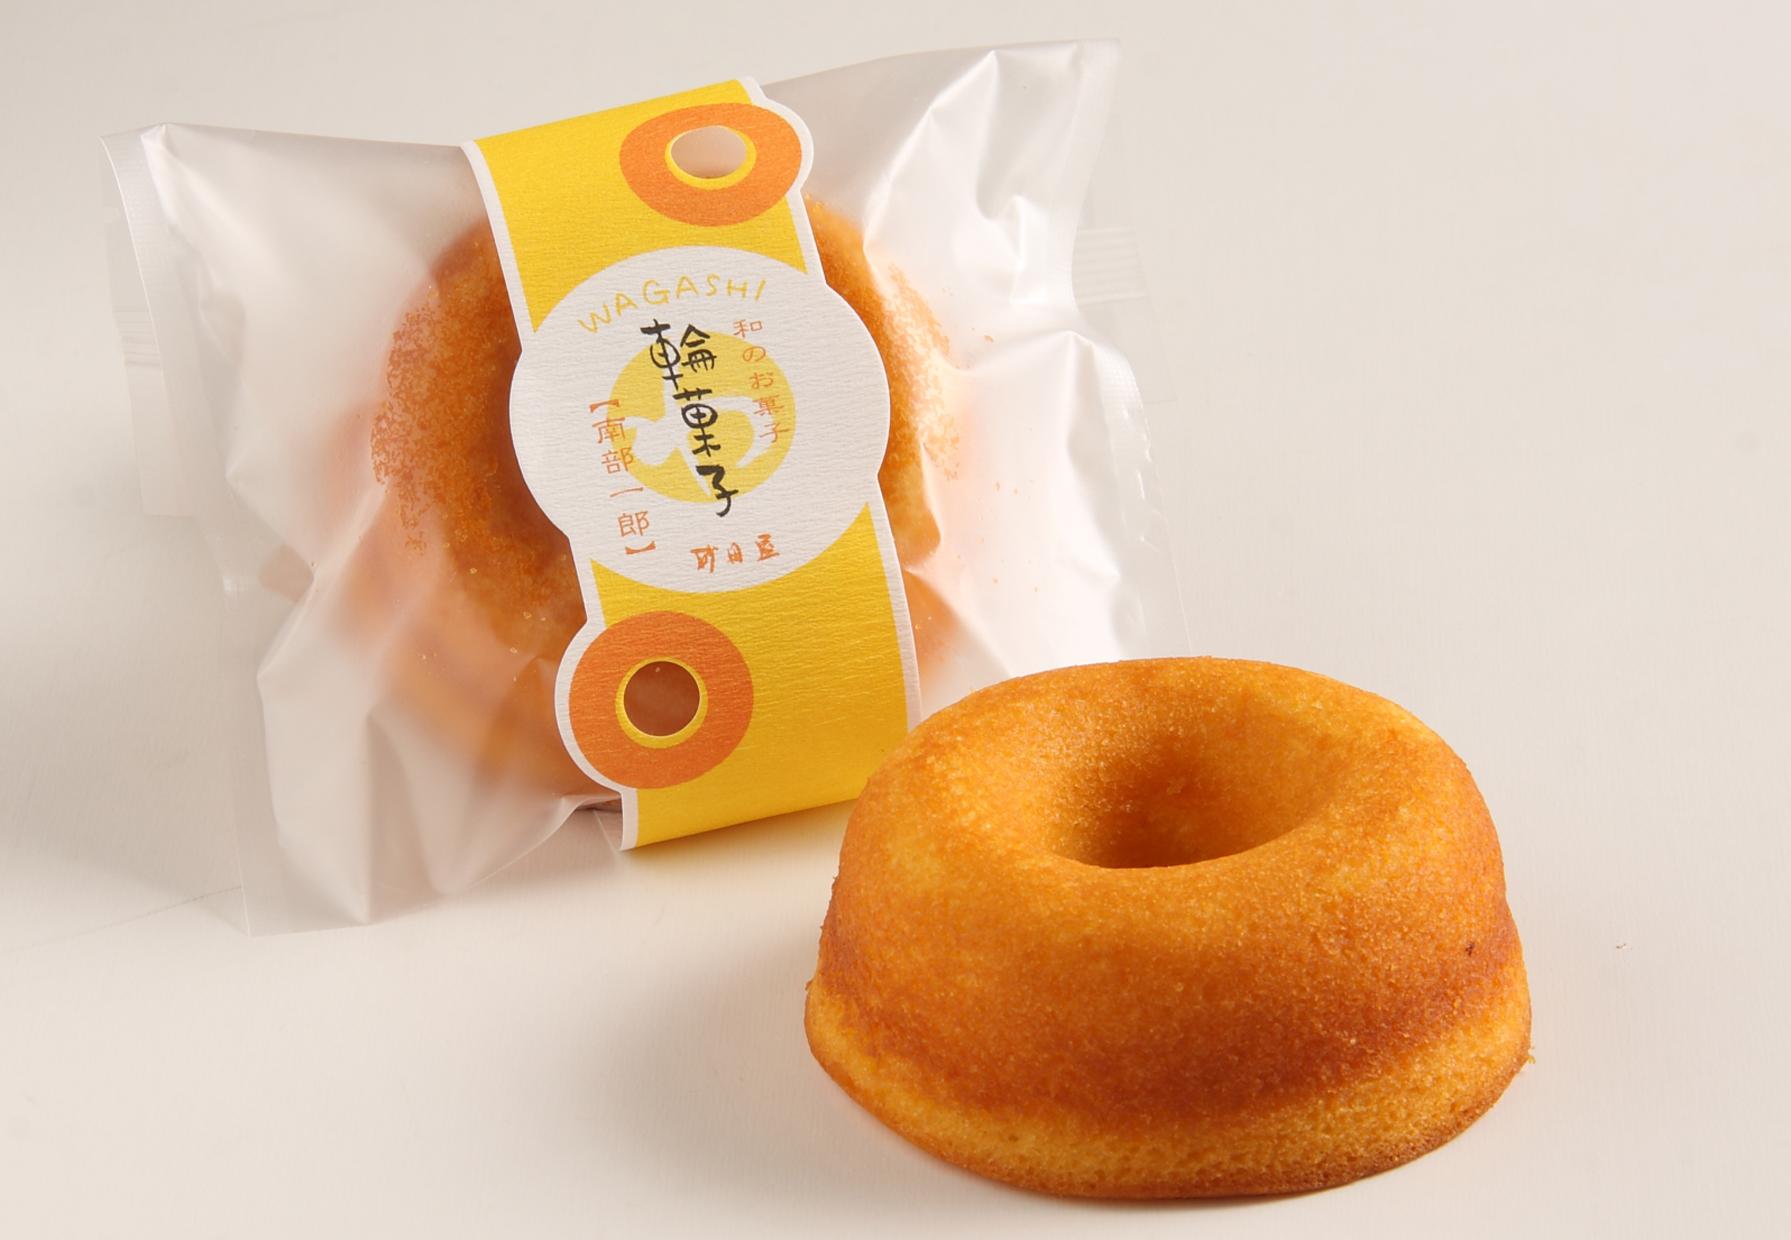 岩手県盛岡市・酒ケーキが自慢のお店 | みちのく創彩菓子 砂田屋